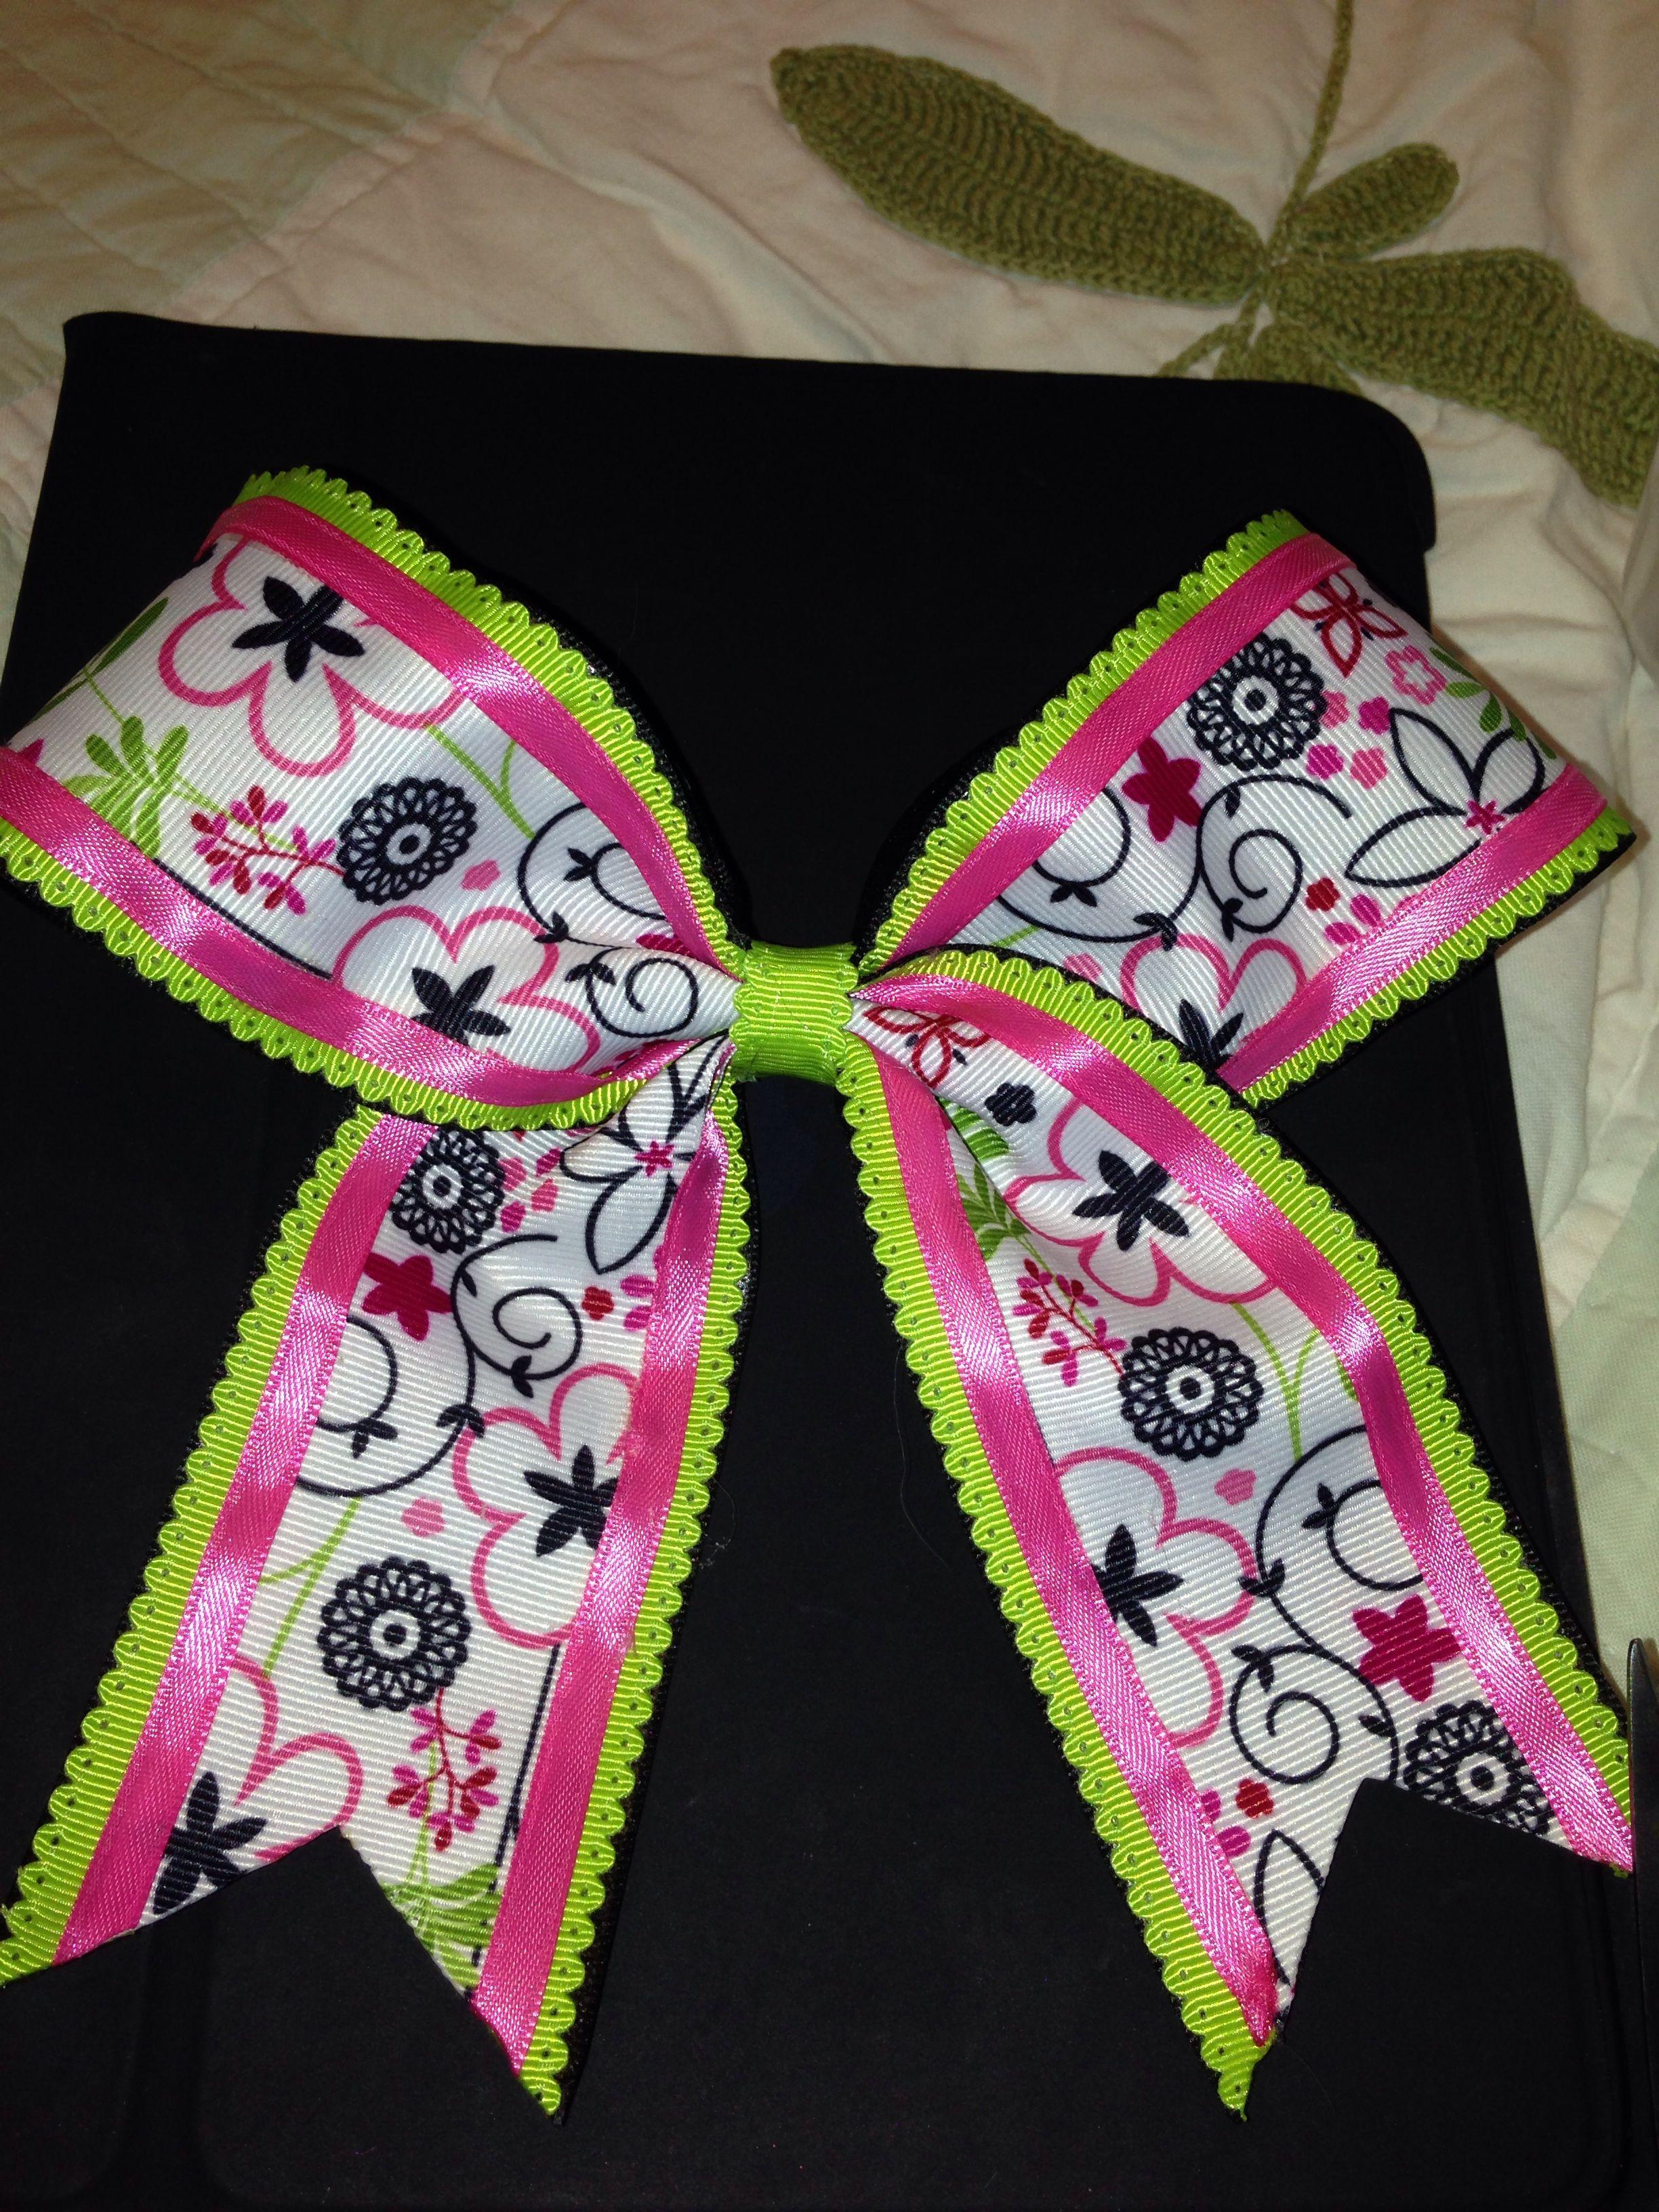 Cute cheer bow hair bow ideas cute cheer bows cheer bows bows - Cute cheer bows ...